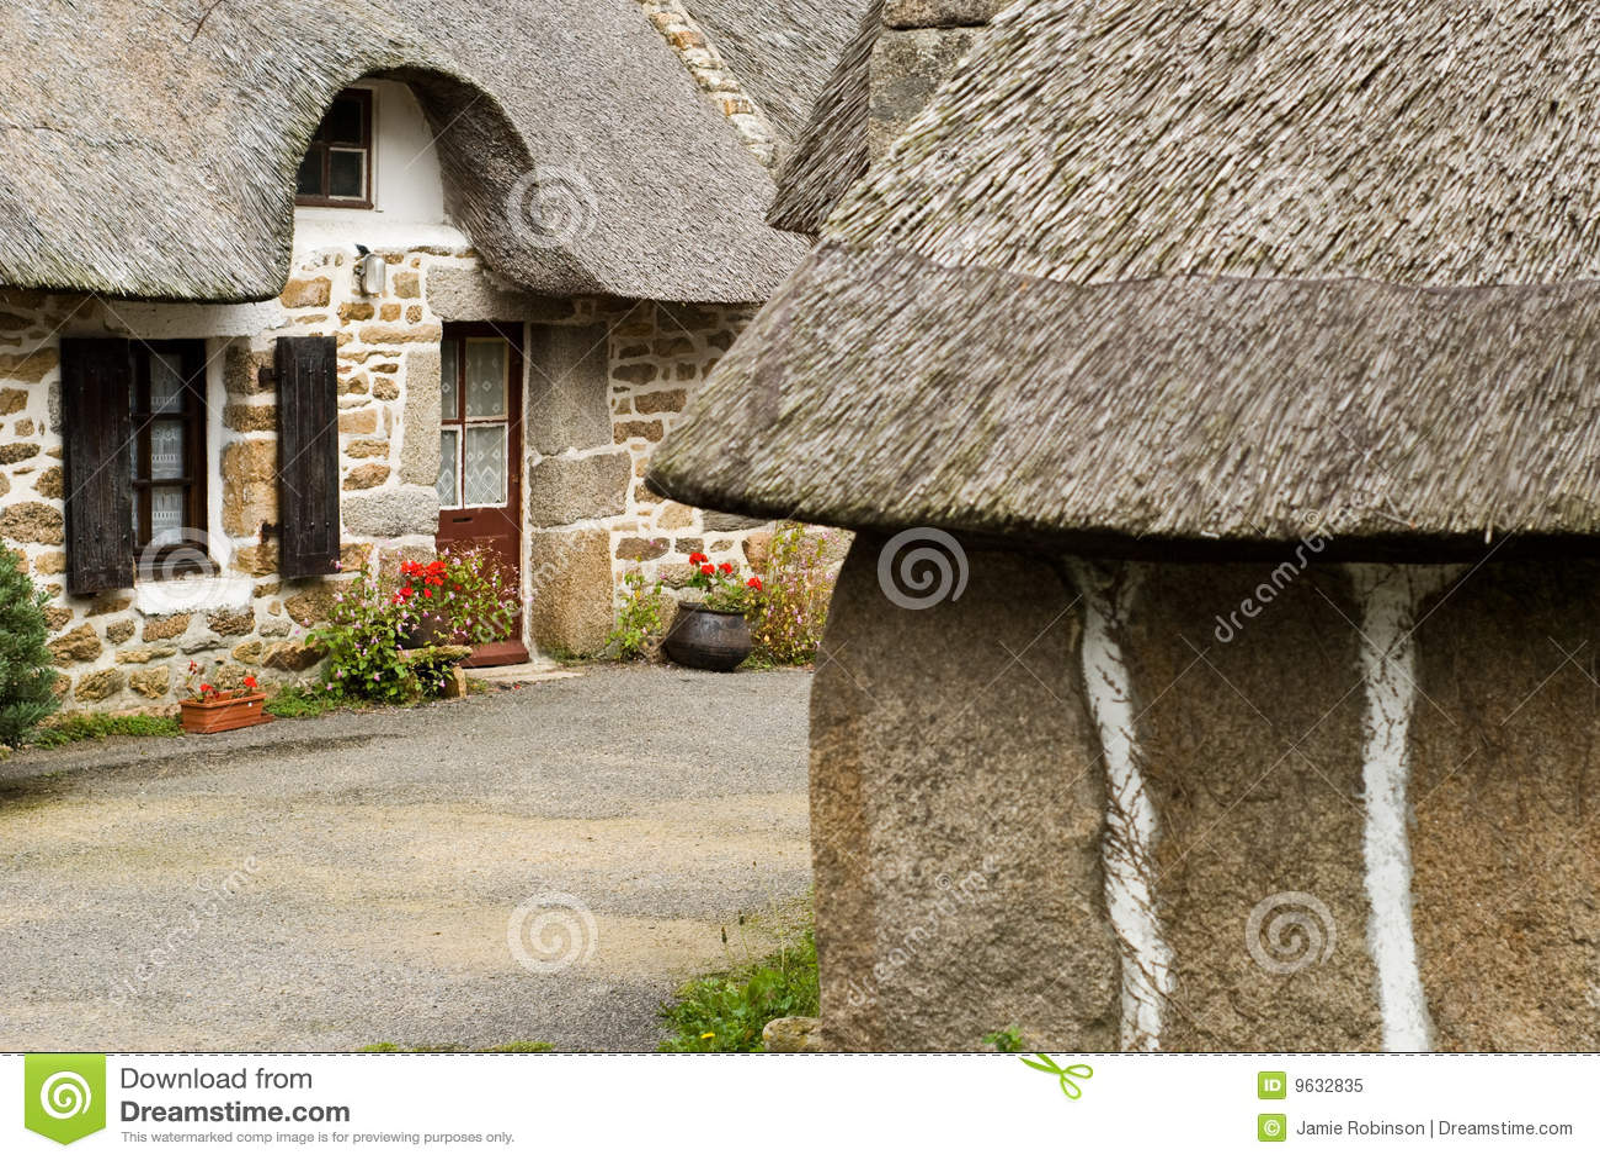 Case In Pietra Antiche : Case di pietra antiche del brittany in francia immagine stock